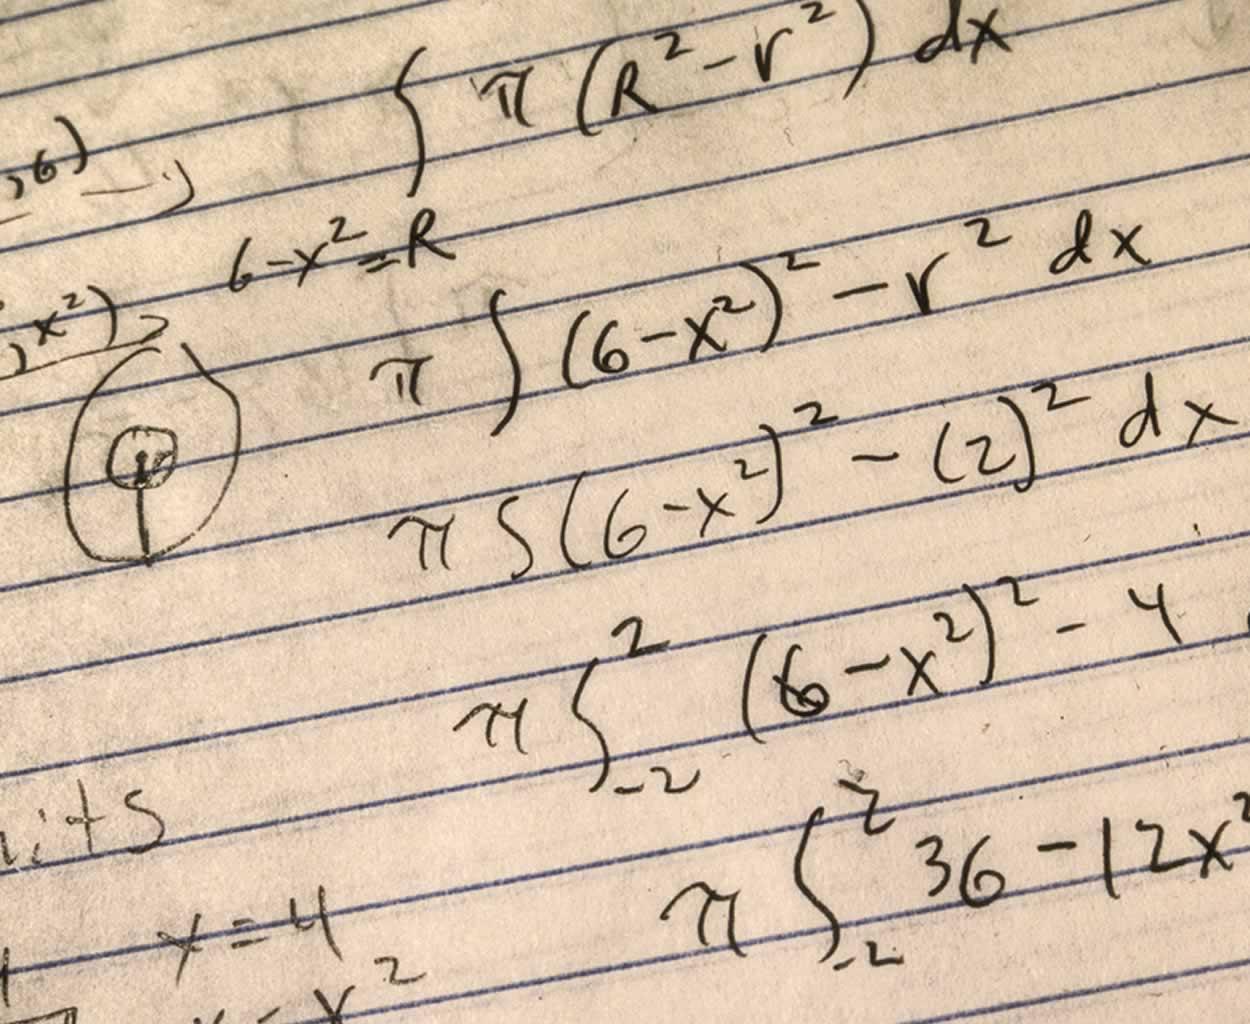 tolmas na to lysis to mathimatiko provlima pou lynoun mono i exypni esy tha to dokimasis